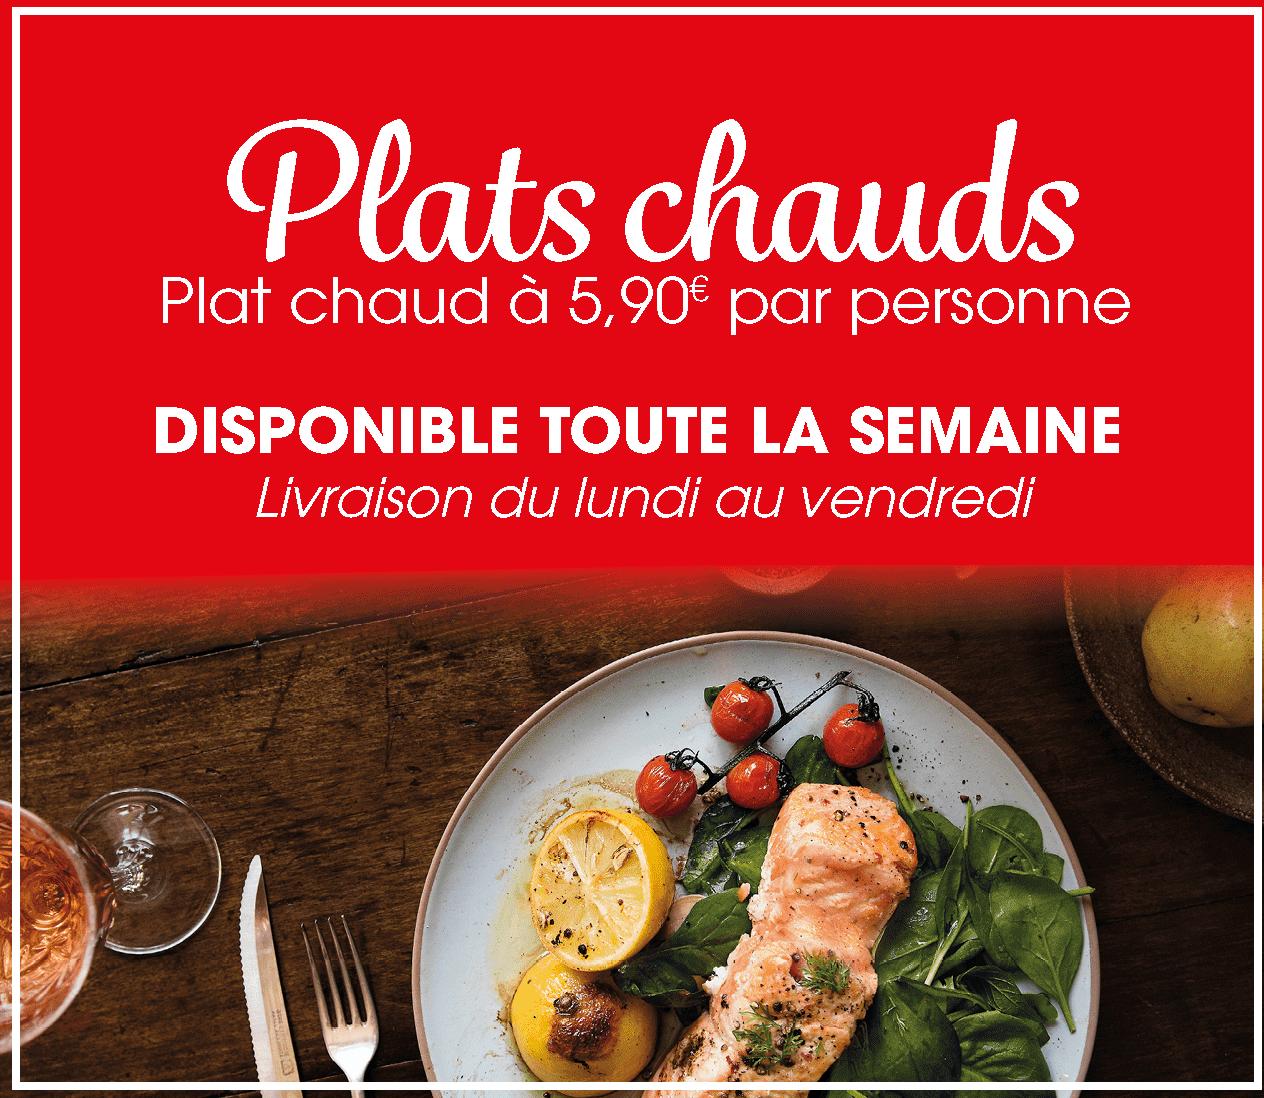 Des plats chauds livrés chez vous, comme au restaurant avec votre traiteur Casa Del Papa ! Traiteur à Pierrelatte dans la Drôme